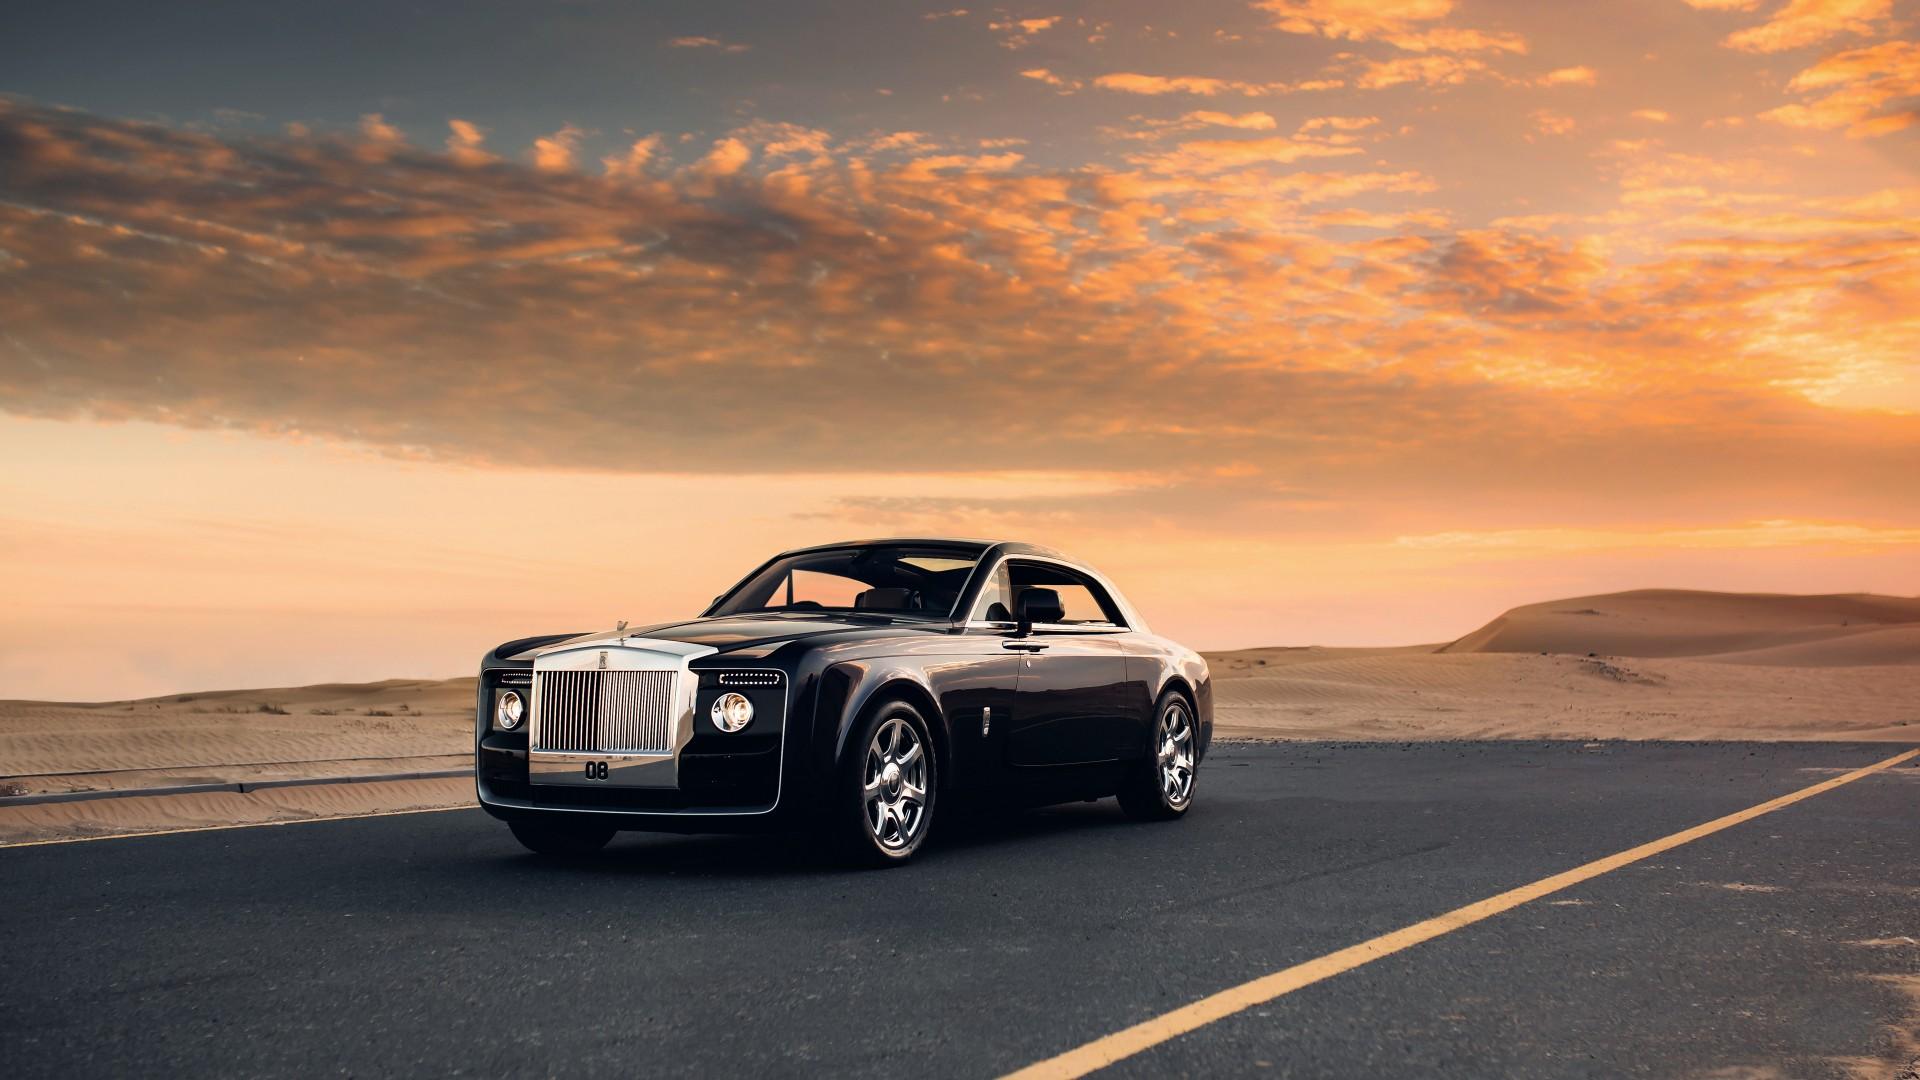 High Resolution Ultra Hd Rolls Royce Wallpaper 4k Novocom Top